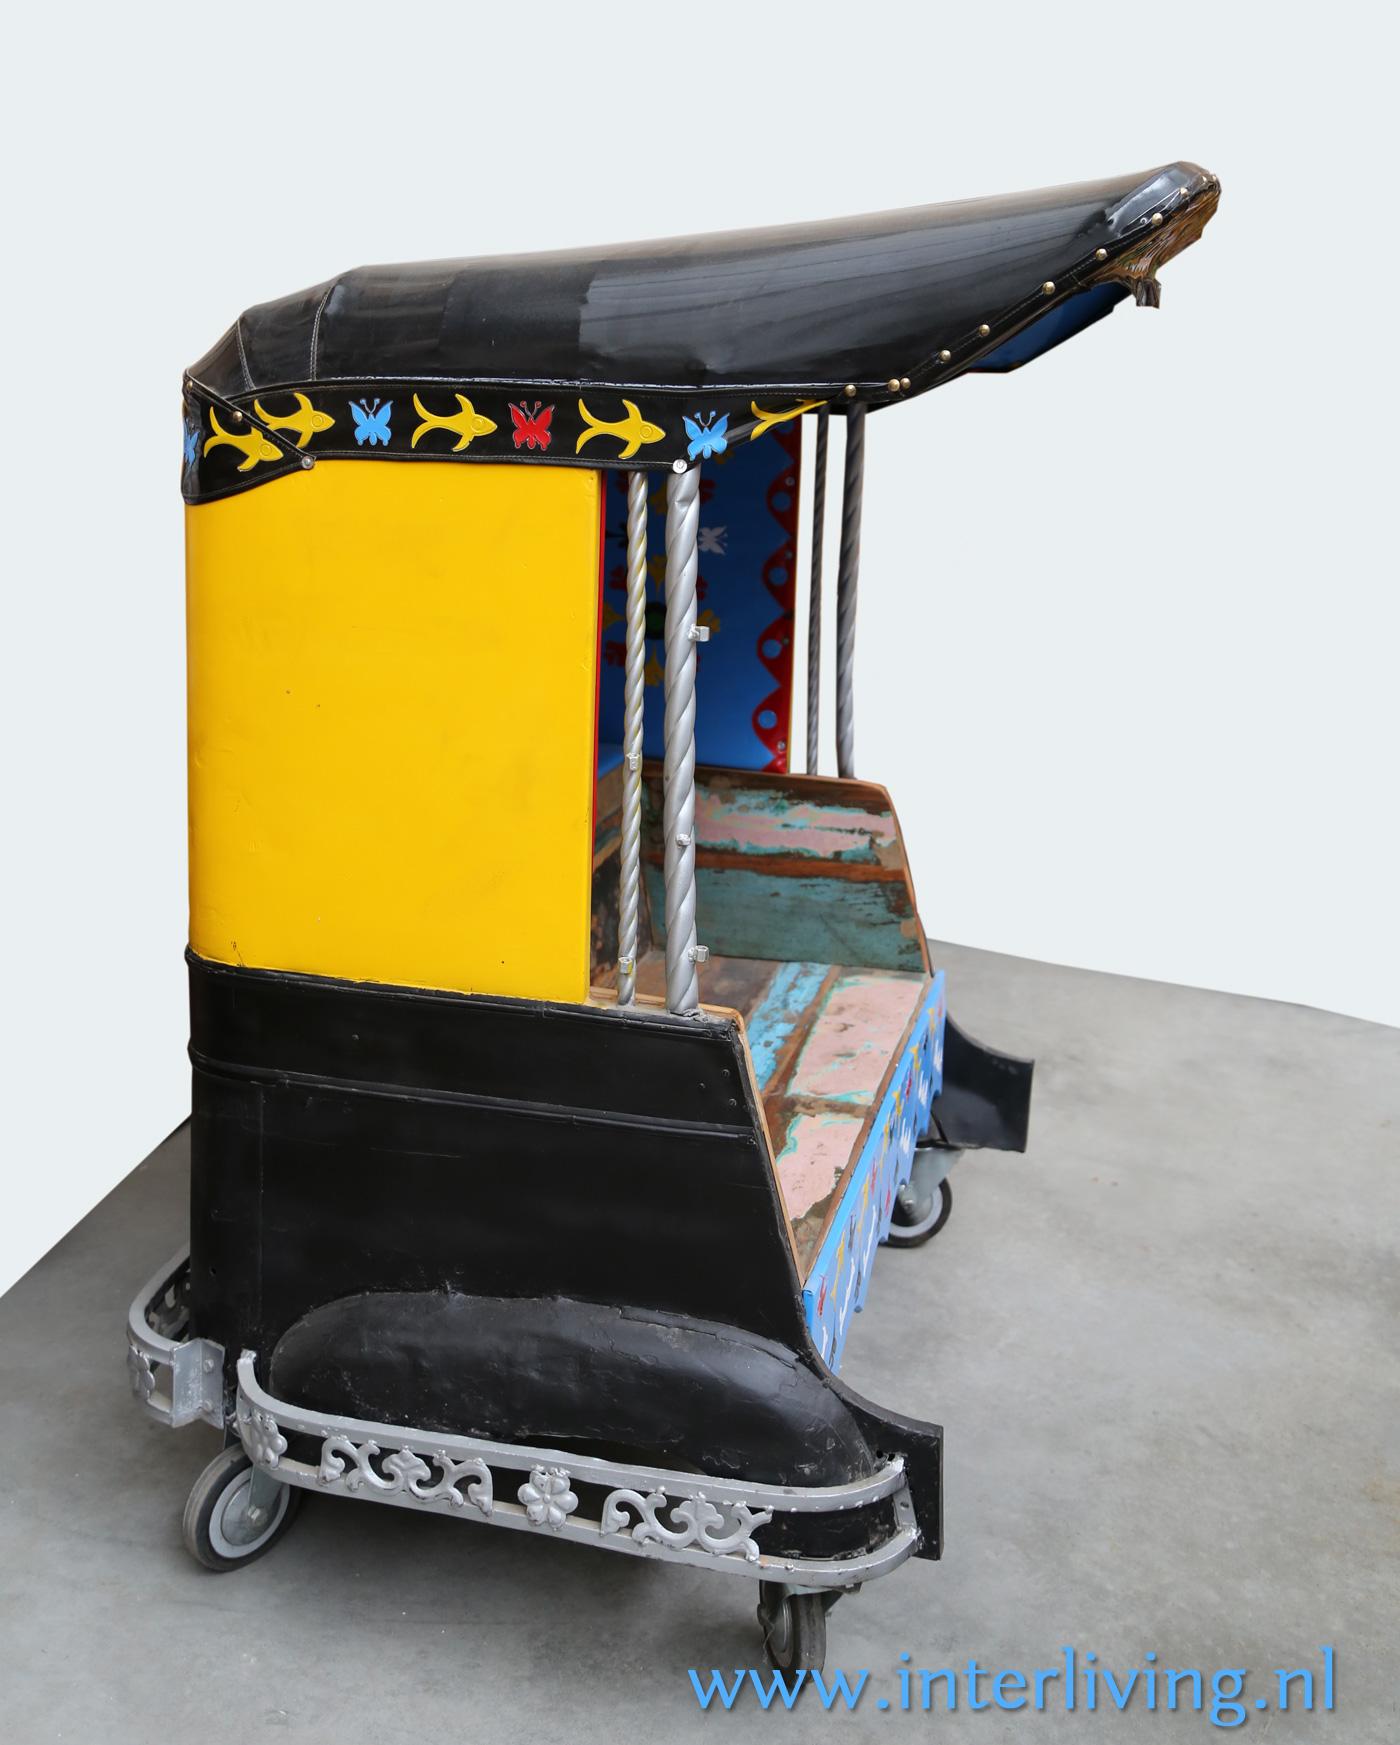 werlds wonen -riksja - vrolijke fietstaxi - uniek interieur